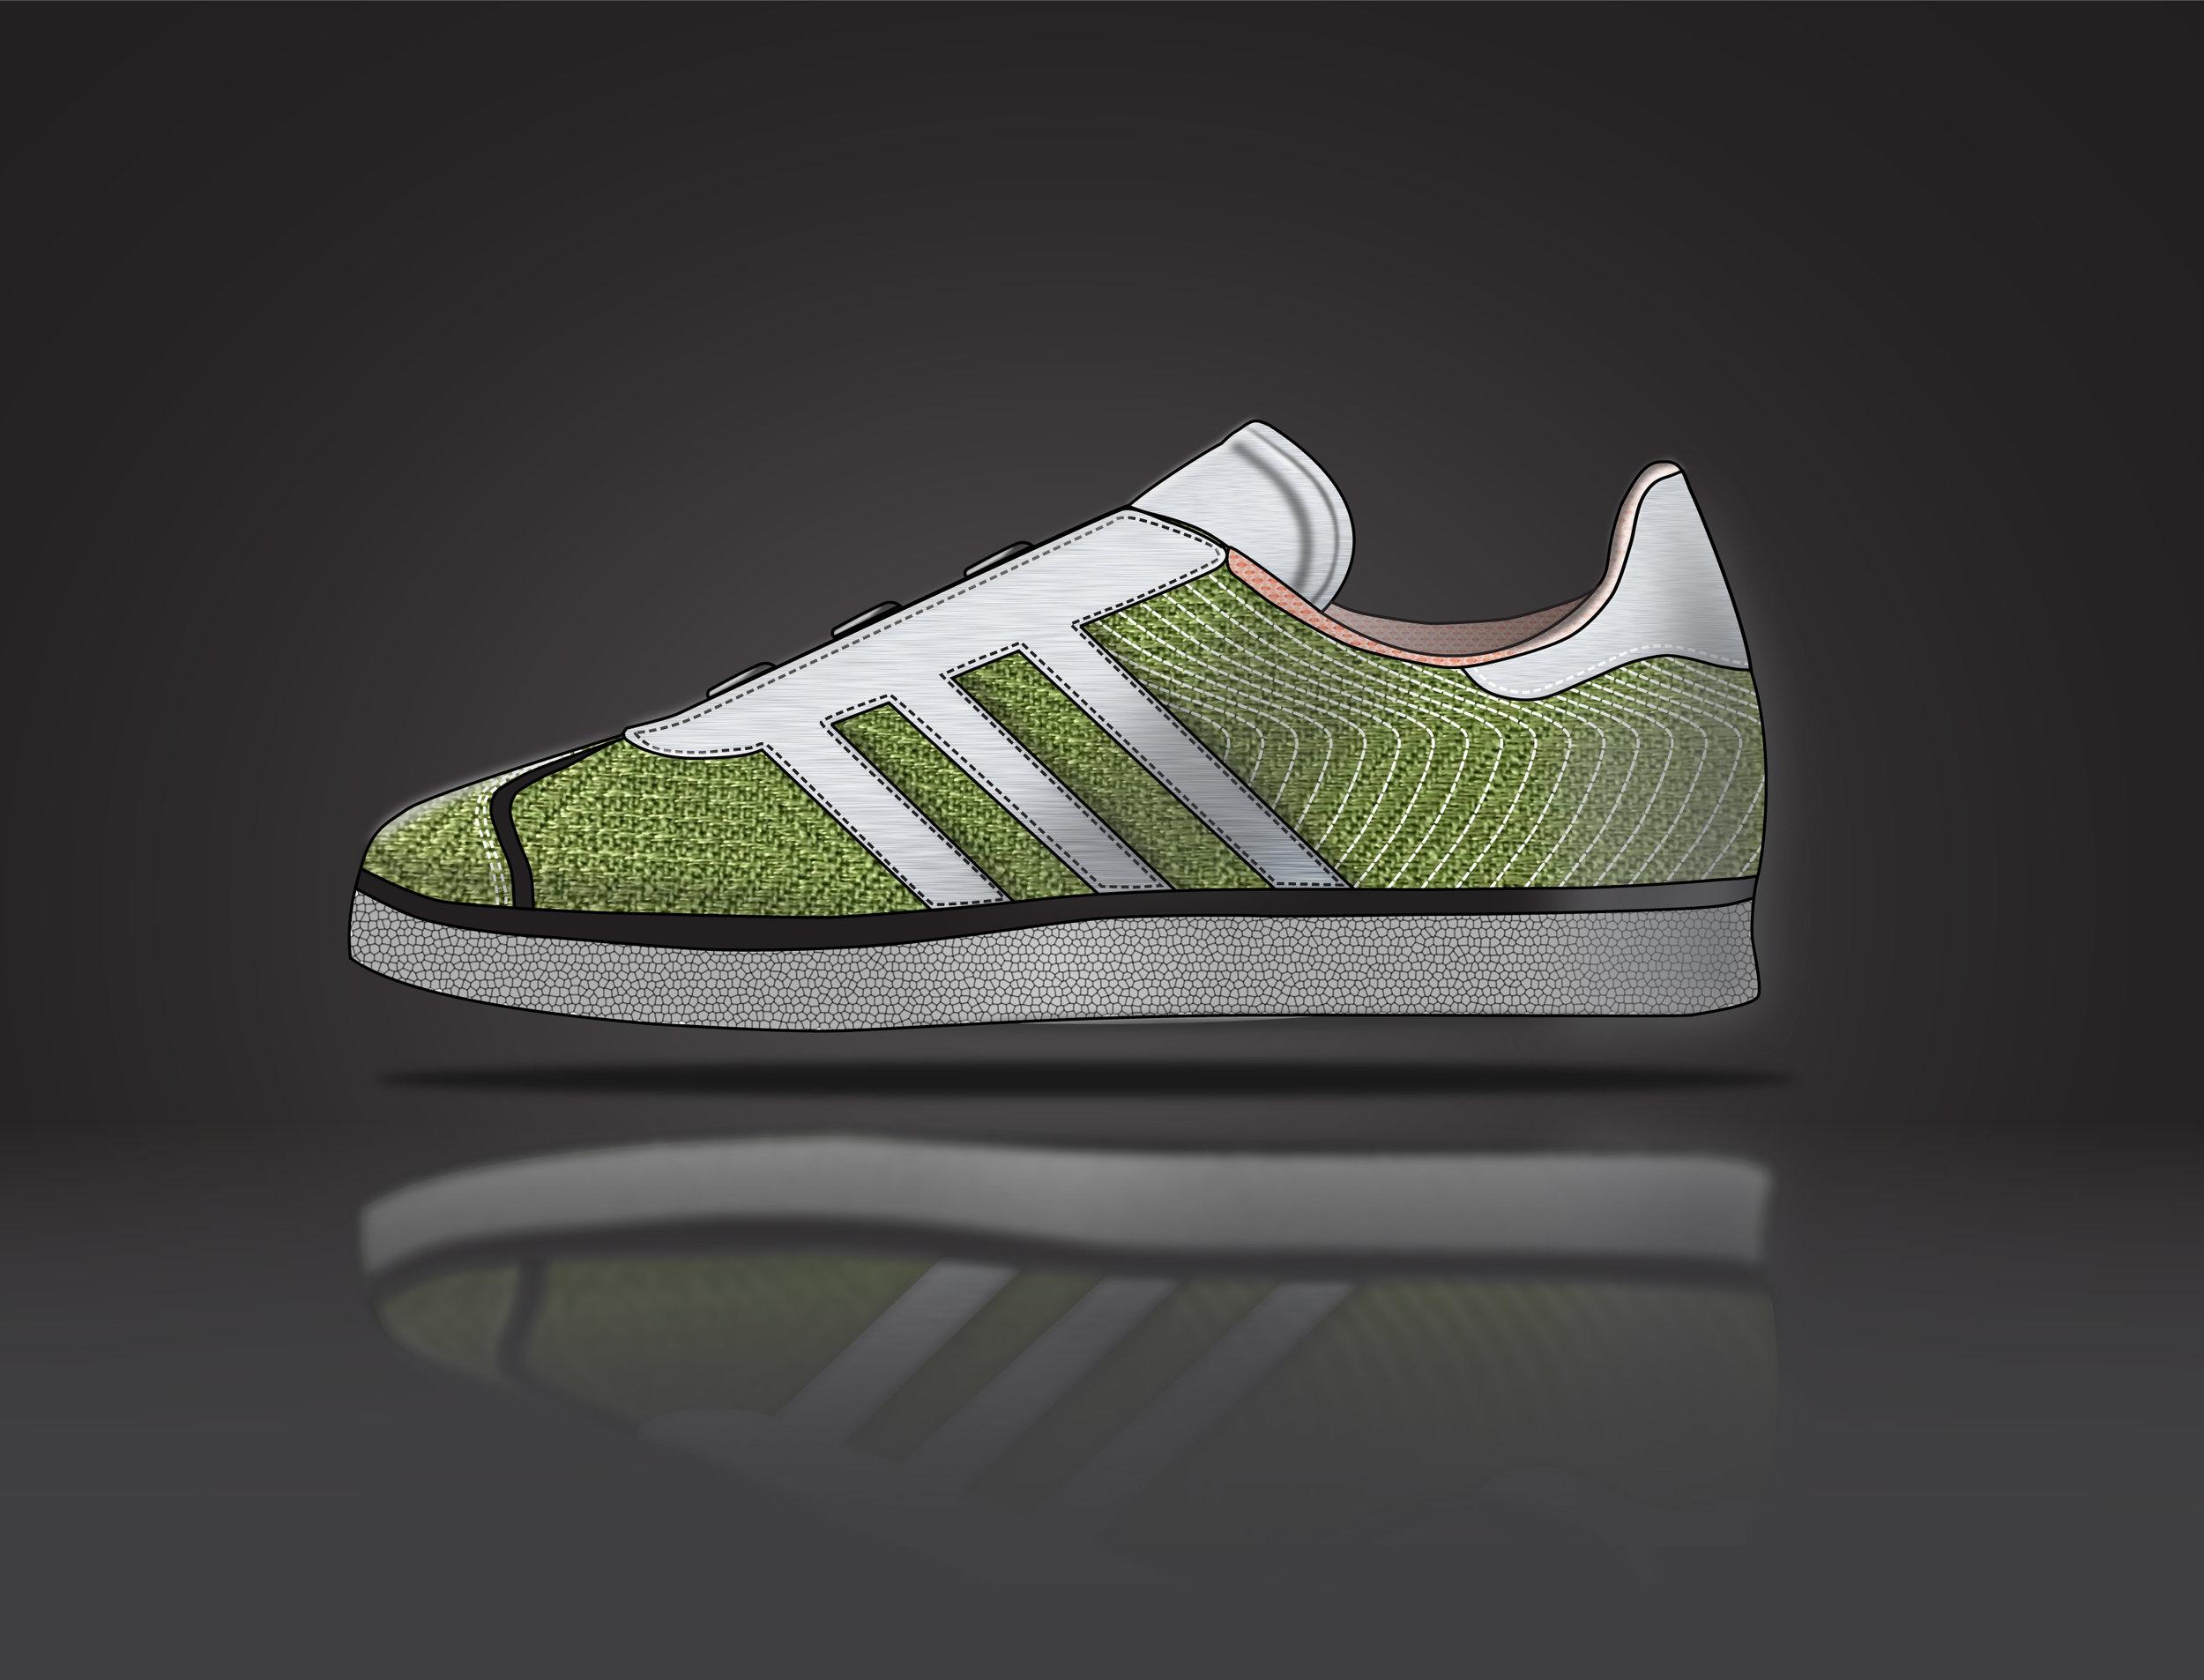 Shoe_design_CMF_Variations_1-02.jpg